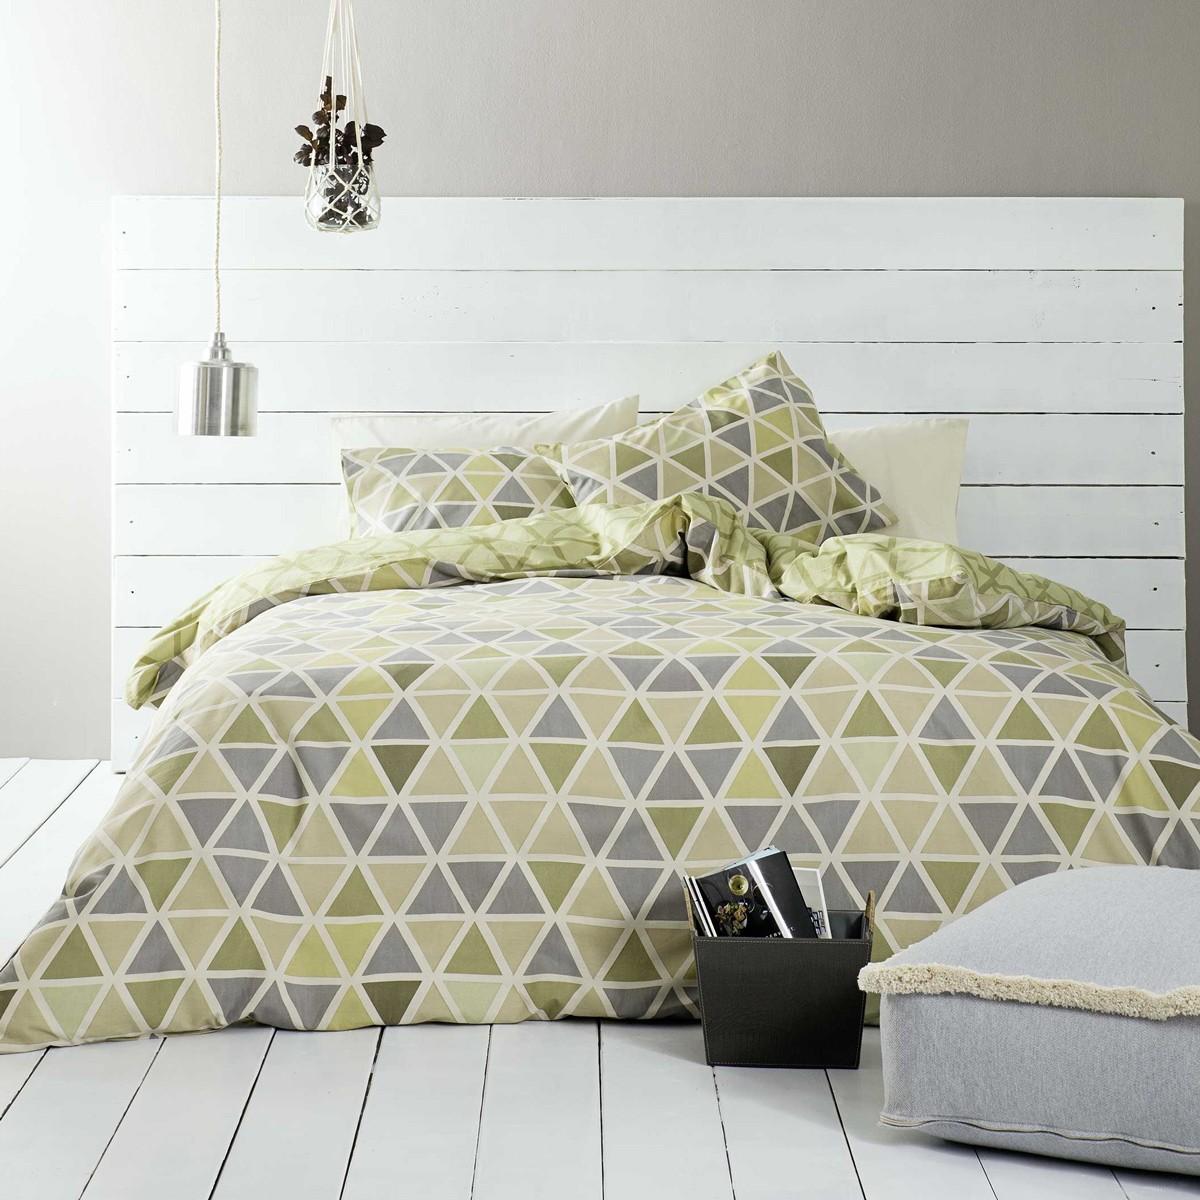 Σεντόνια Μονά (Σετ) Nima Bed Linen Monterrey Green ΜΕ ΛΑΣΤΙΧΟ 100×200+32 ΜΕ ΛΑΣΤΙΧΟ 100×200+32